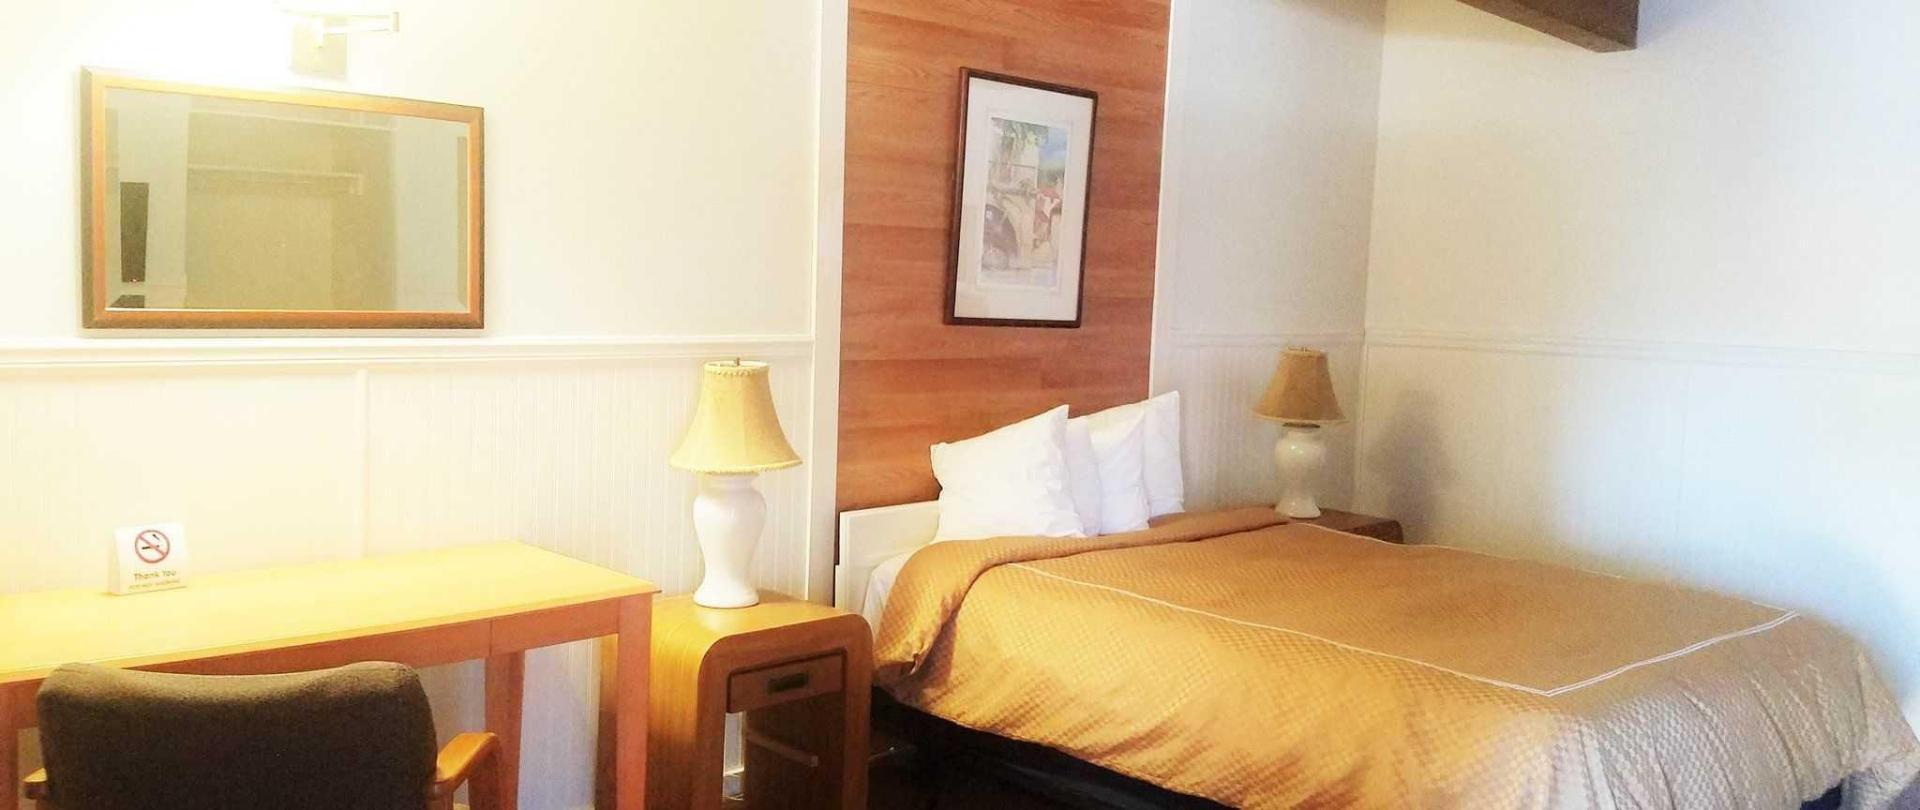 room-218-large-room.jpg